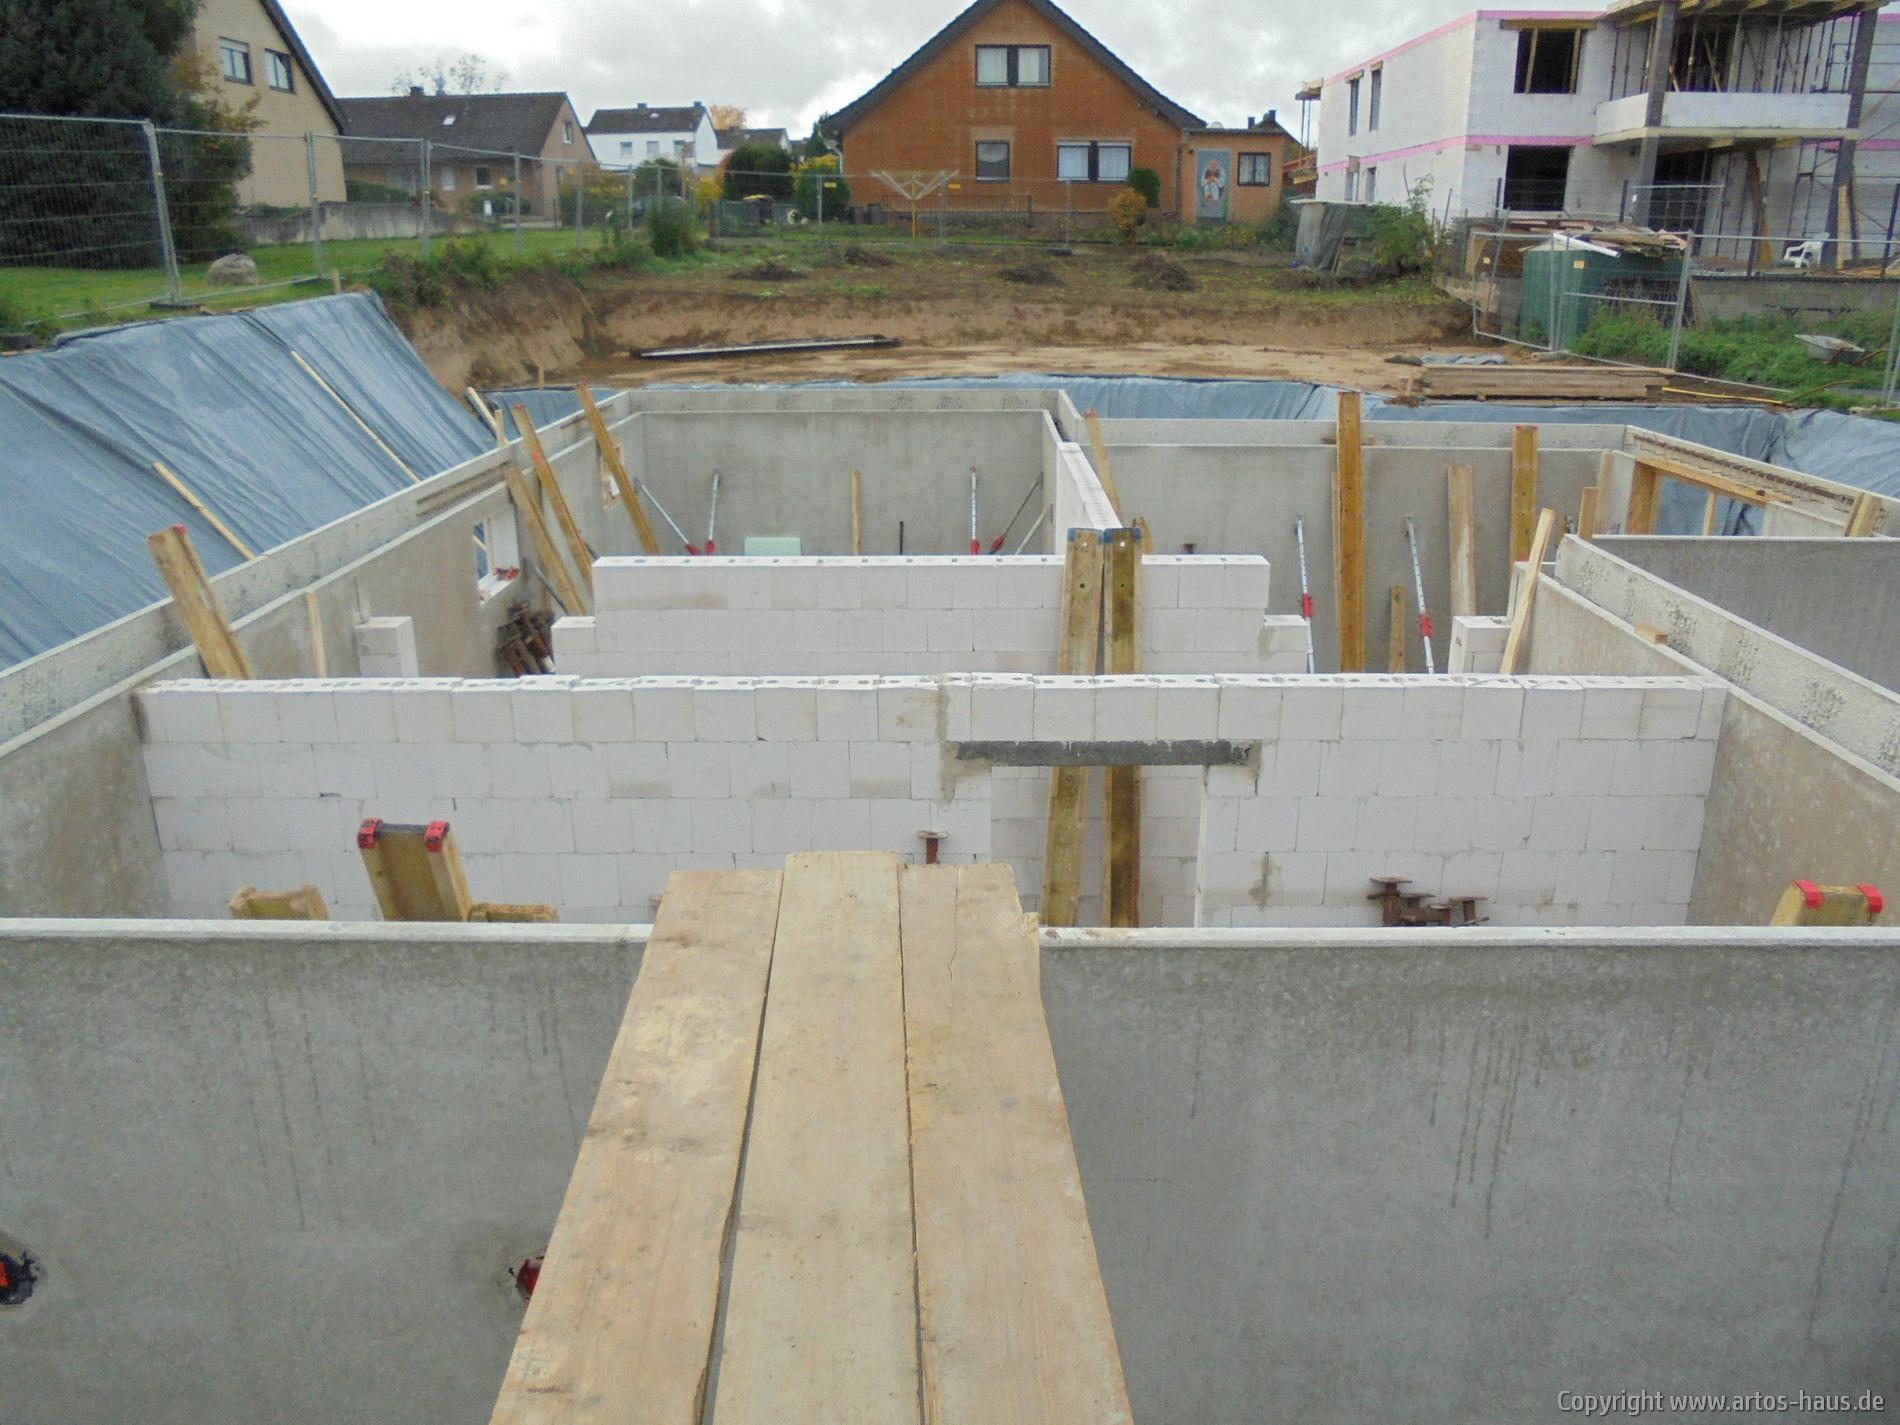 Keller / Bauvorhaben in Euskirchen | ARTOS-HAUS Bild 1